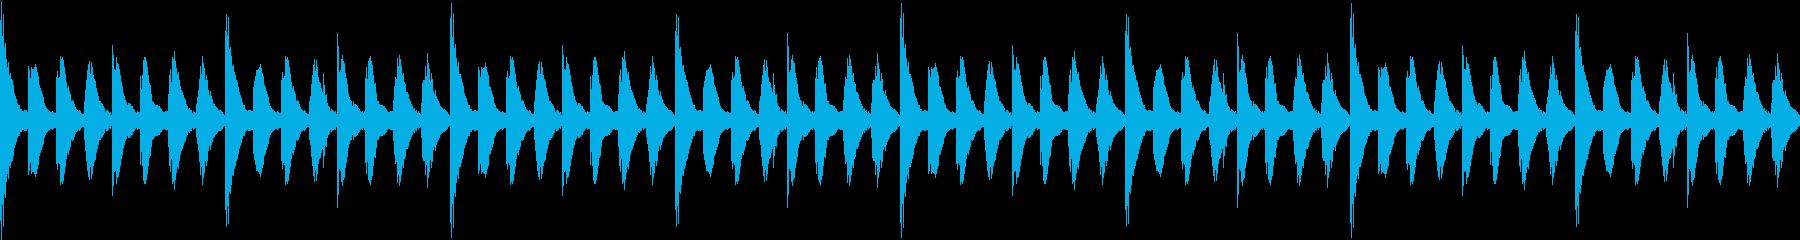 ほのぼのした日常01 マリンバ(ループ)の再生済みの波形